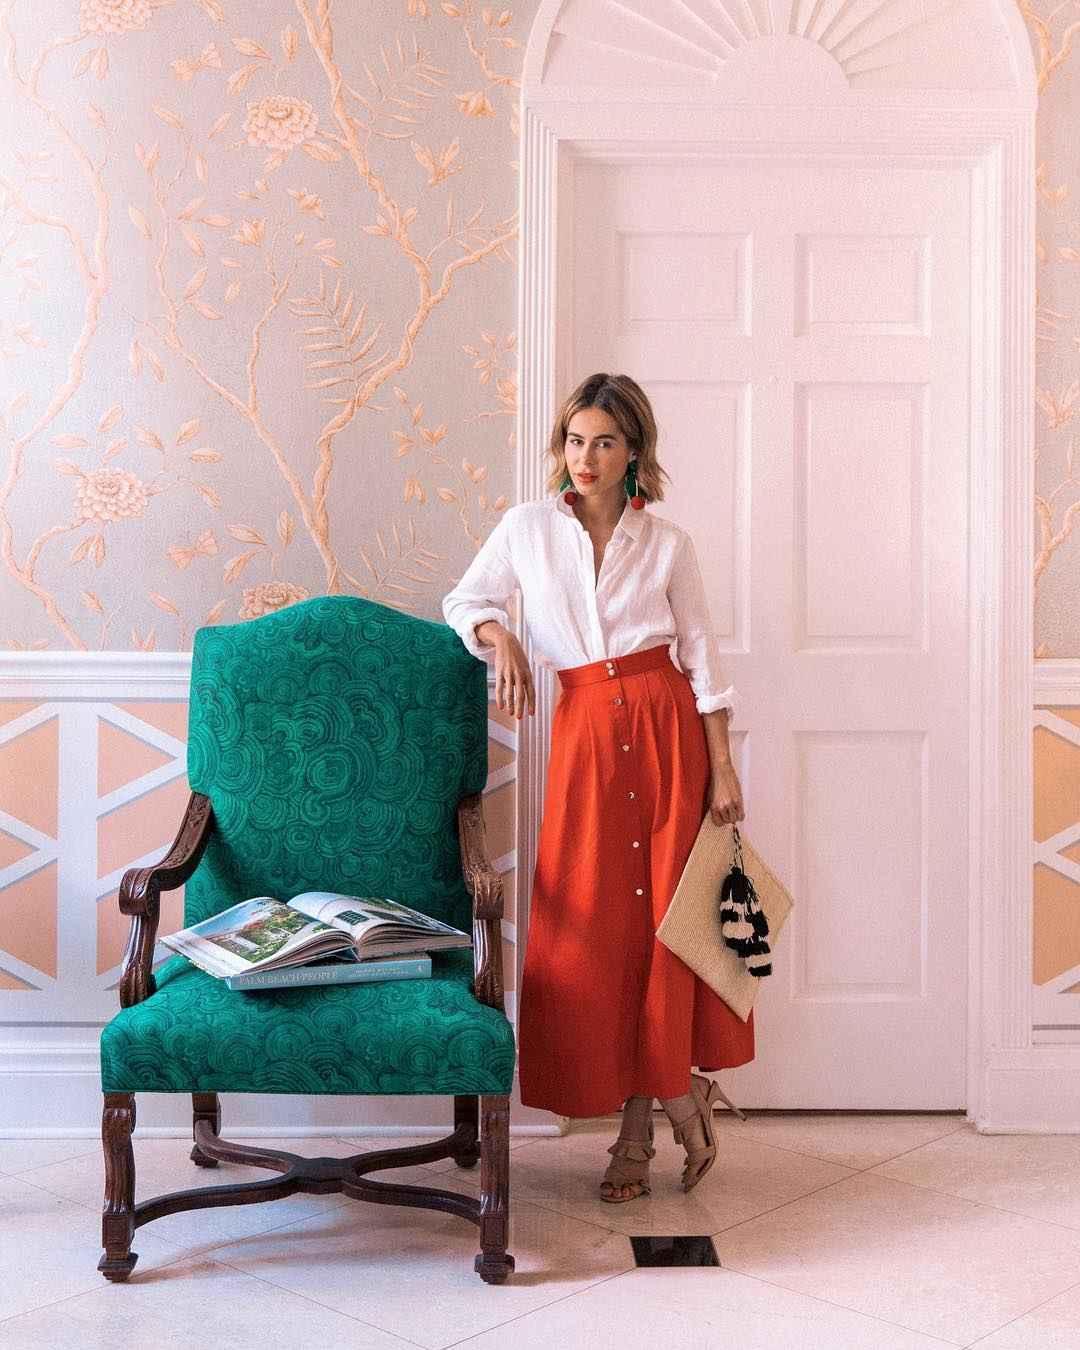 Модные деловые образы с юбкой 2019-2020 фото идеи_16